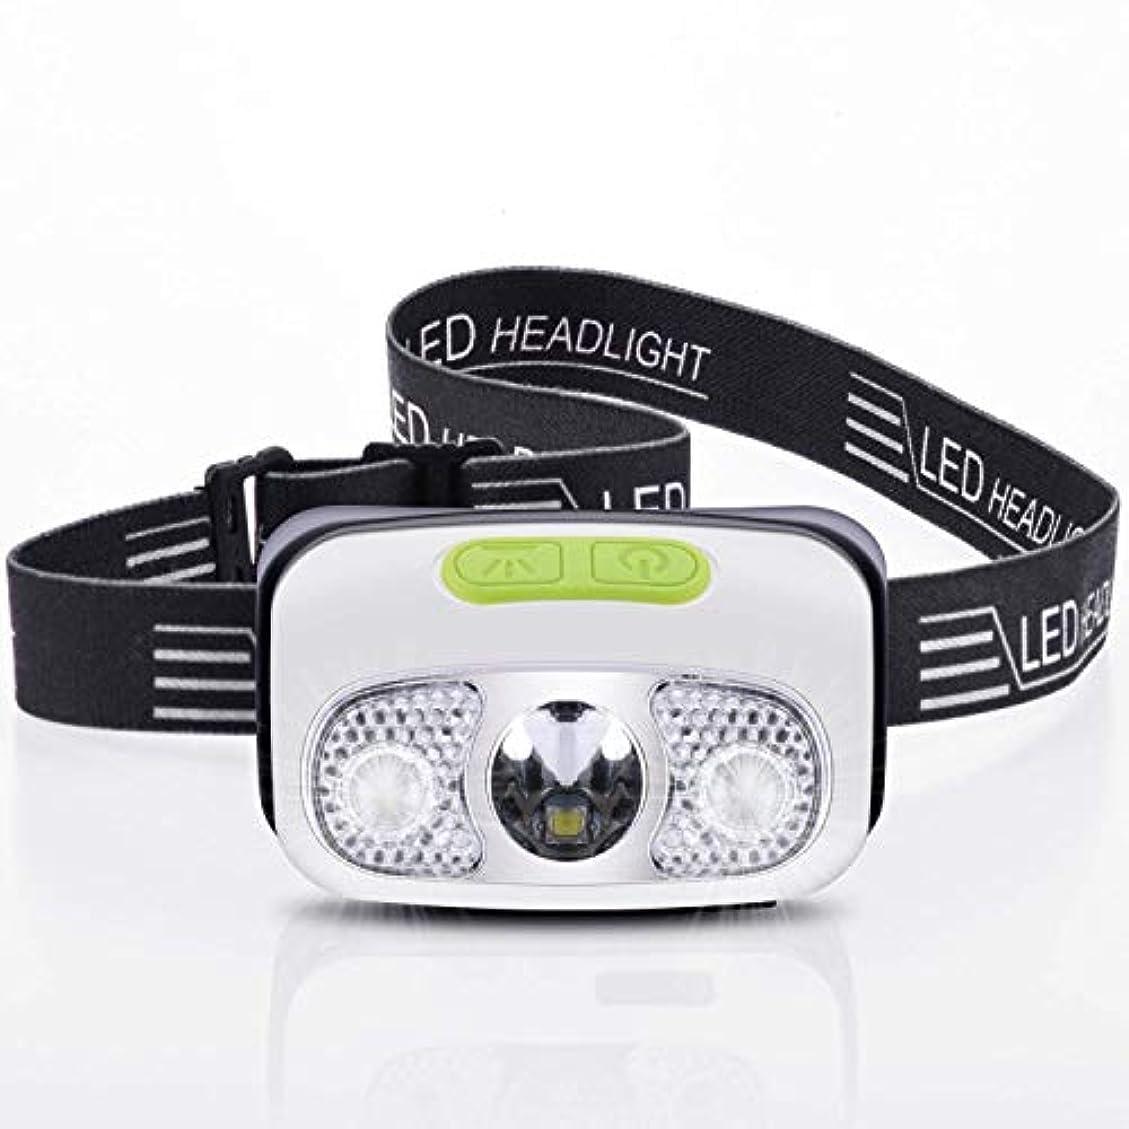 恥ずかしさ苛性のぞき穴ヘッドライトUSB充電式 90°角度調節可能IPX6防水 4つ明るさモード センサー機能 USB充電式ヘッドライト 軽量